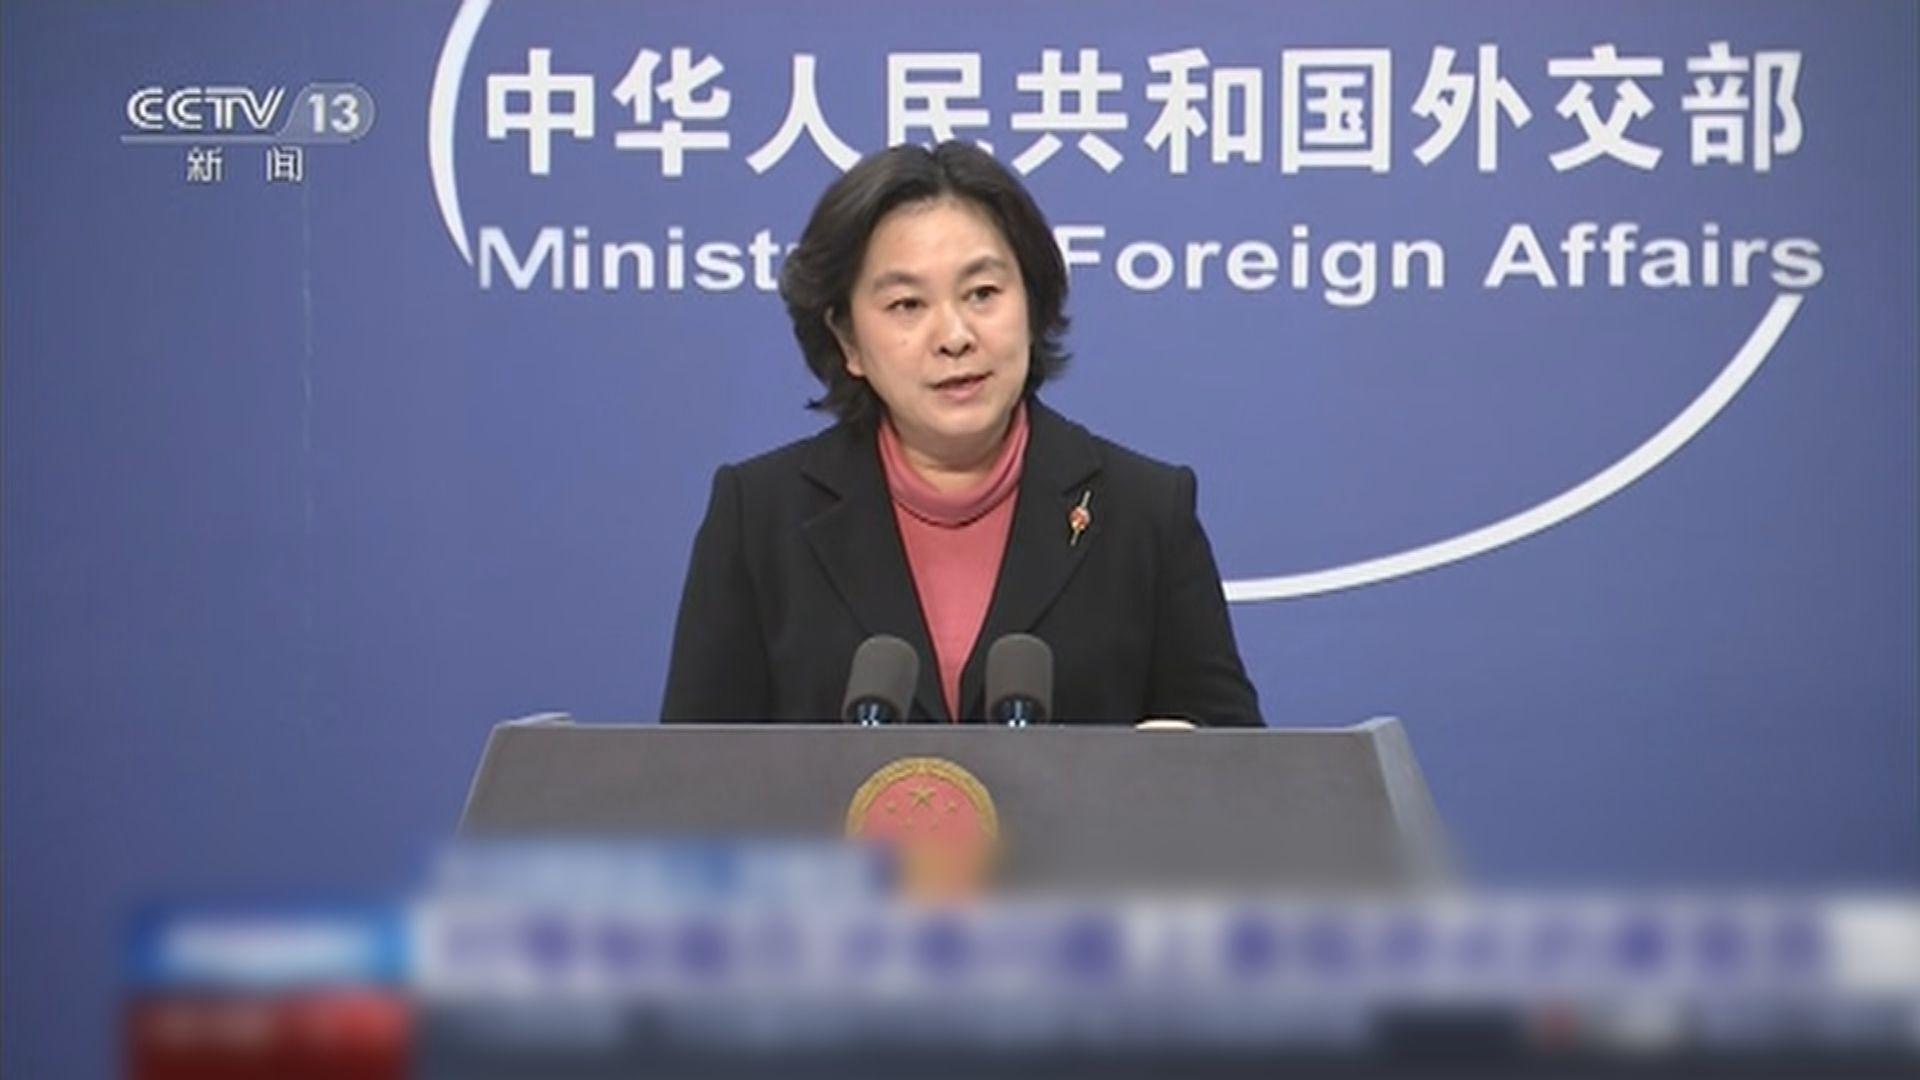 美制裁譚耀宗等六人 外交部:對美方人員實施對等制裁